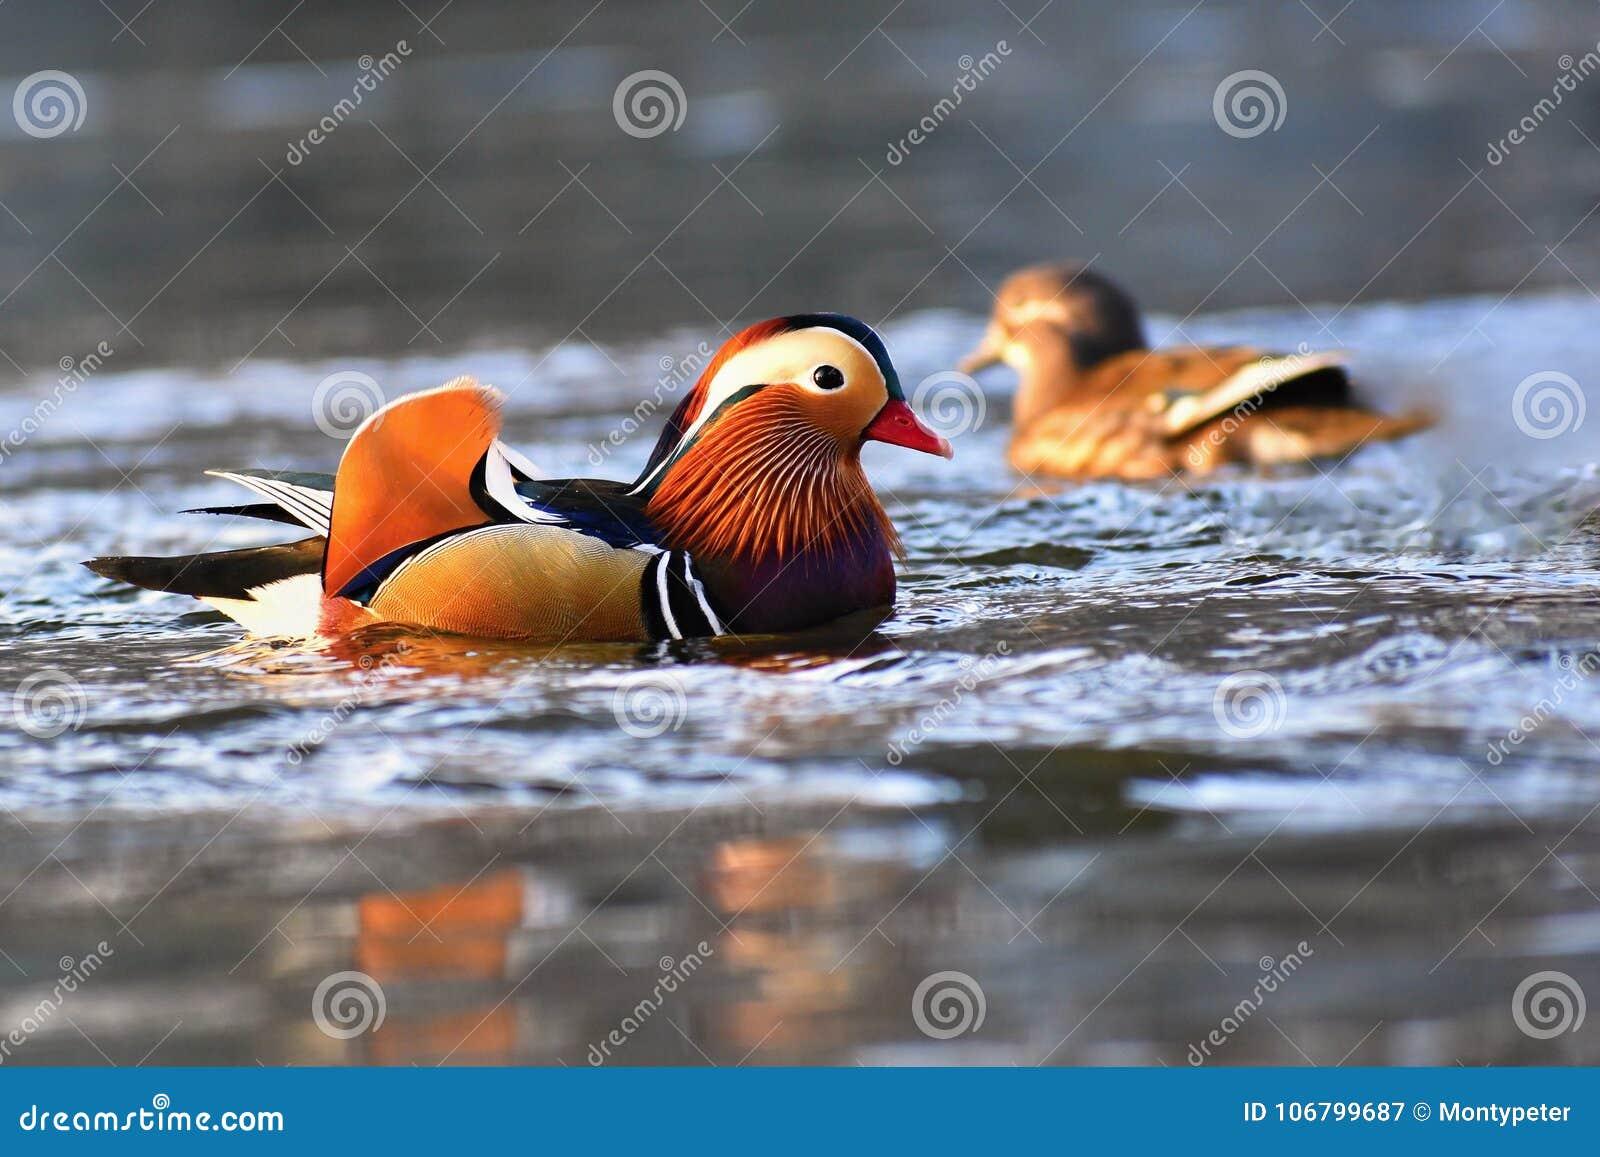 Close-up mannelijke mandarin galericulata die van eendaix op het water met bezinning zwemmen Een mooie vogel die in de wildernis